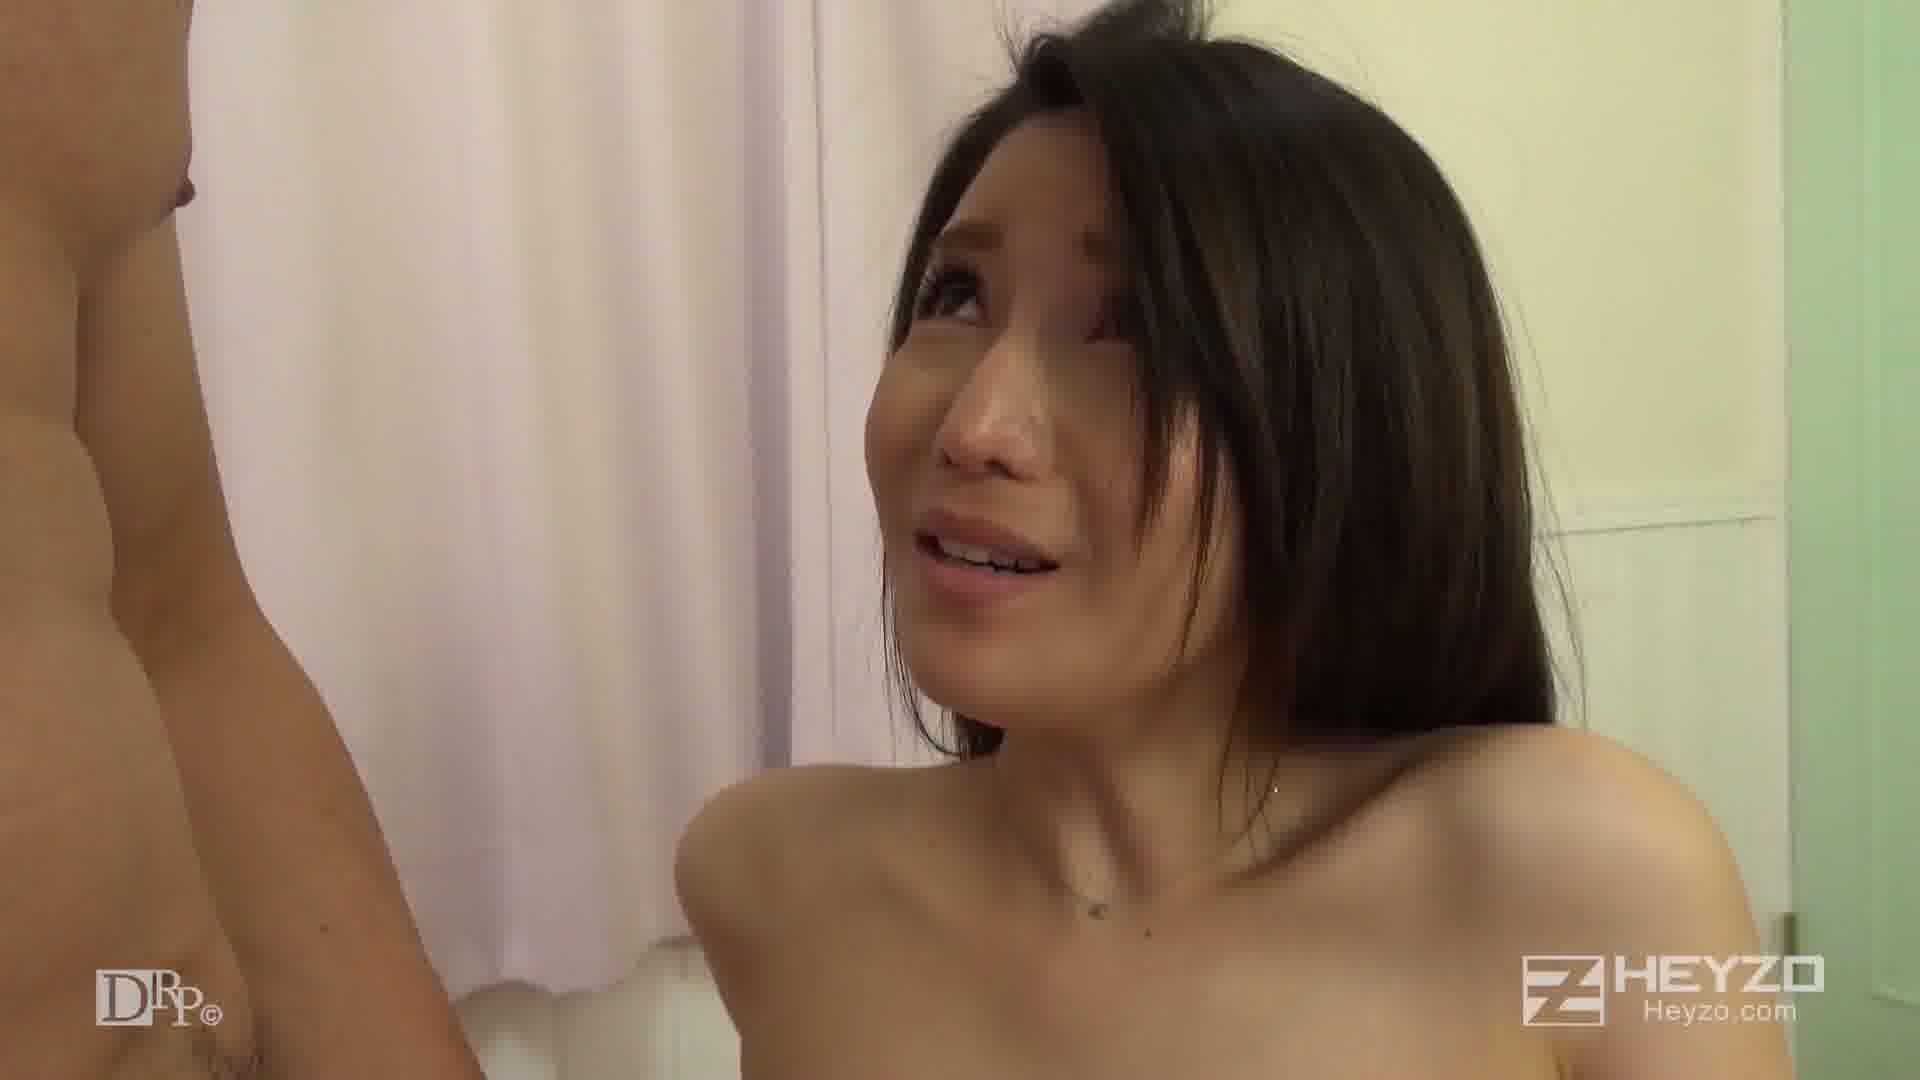 性生活保護を希望します!~日照り続きの微熟女~ - 水咲菜々美【自宅 手マン 指マン 挿入】